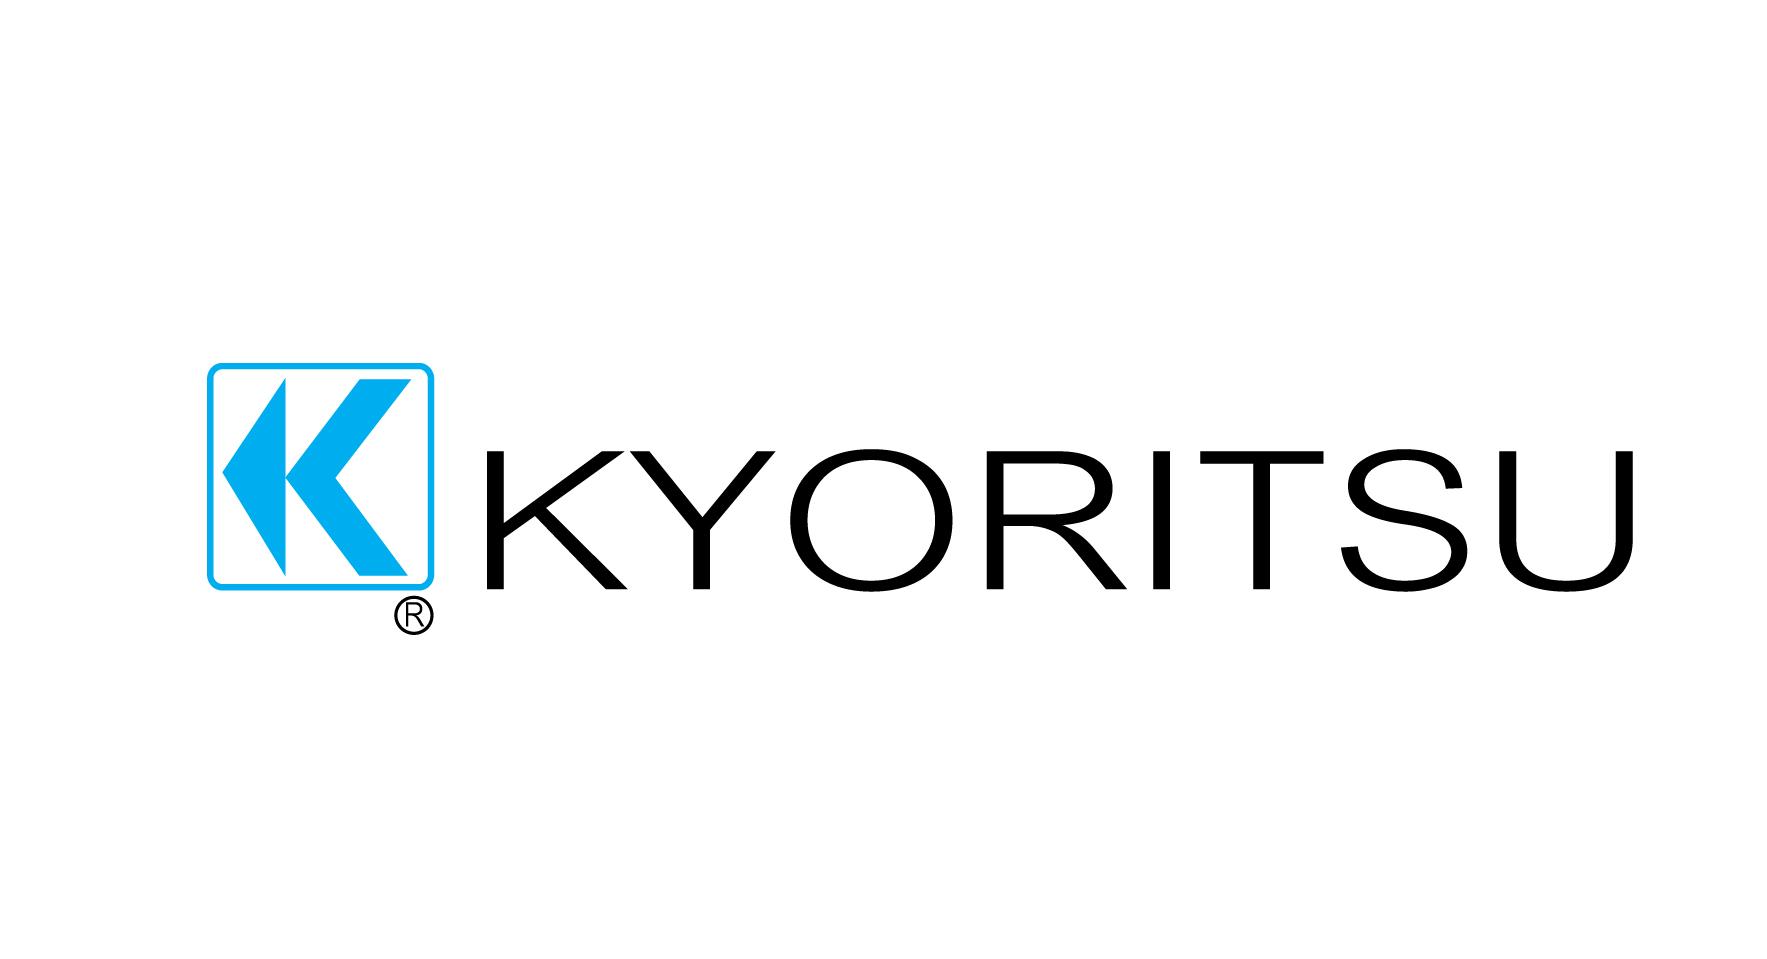 เครื่องมือวัดและควบคุมในงานอุตสาหกรรมจาก KYORITSU